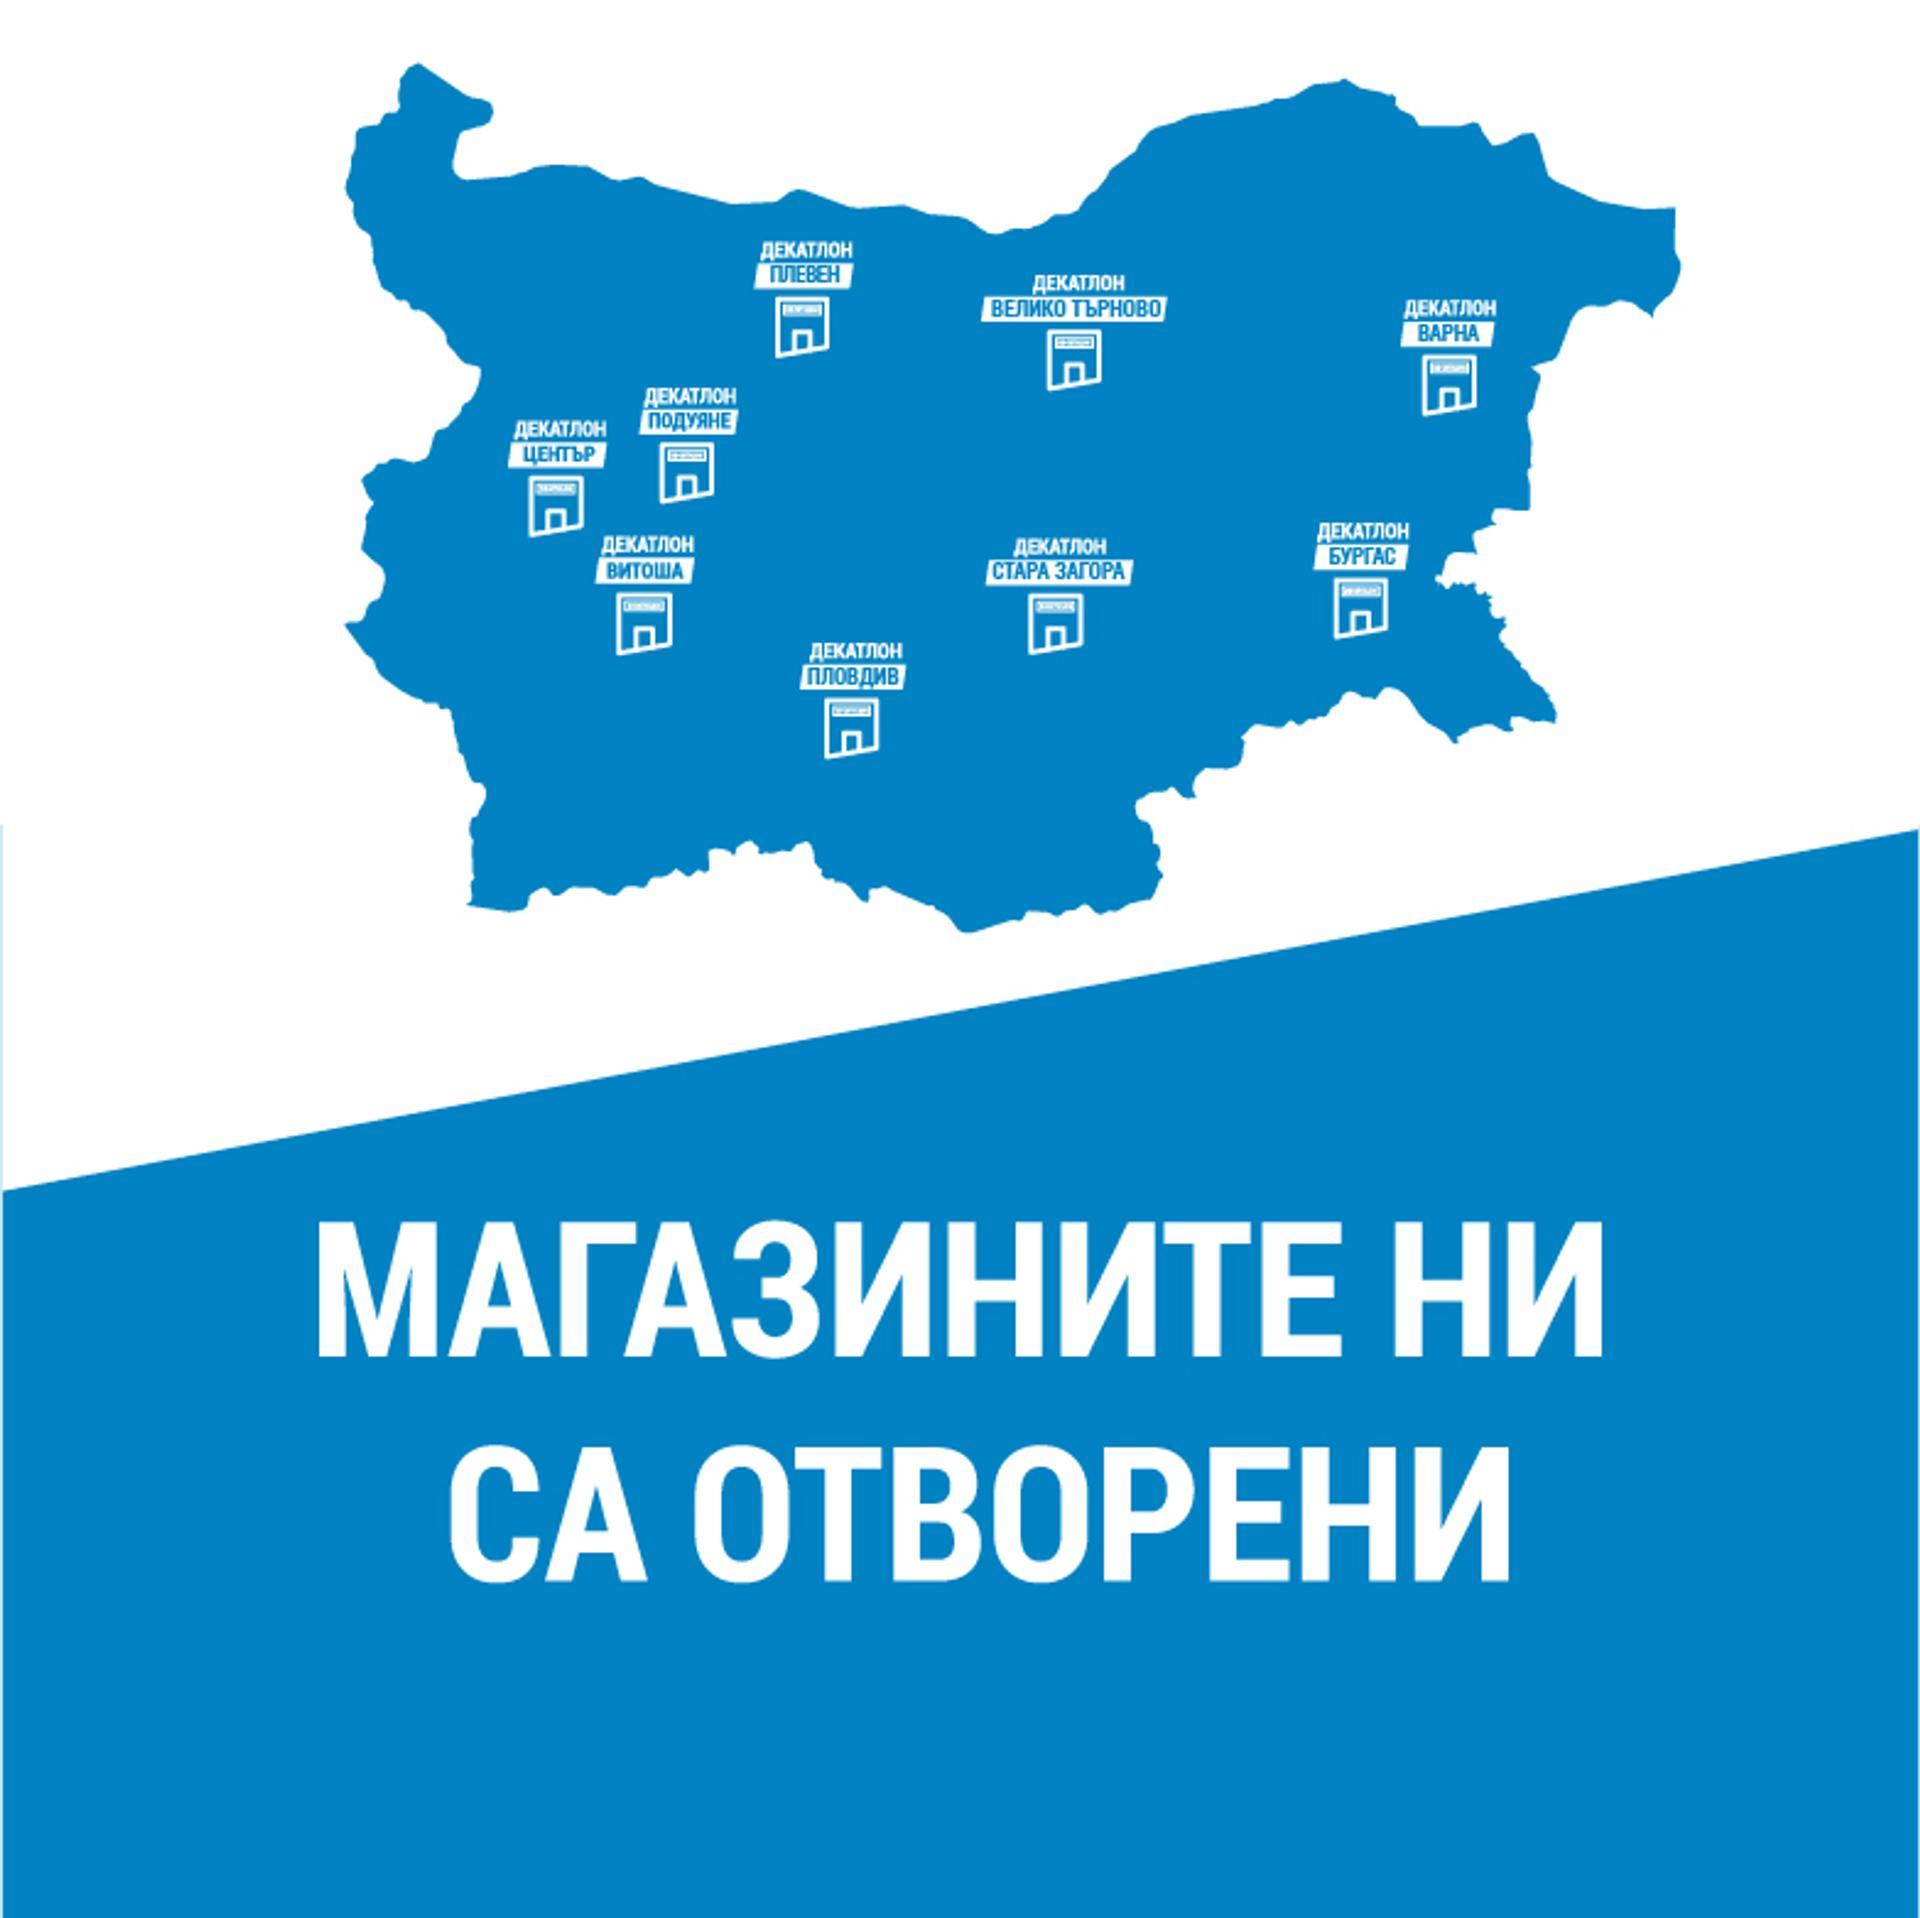 2_map_banner_store_open-05.jpg